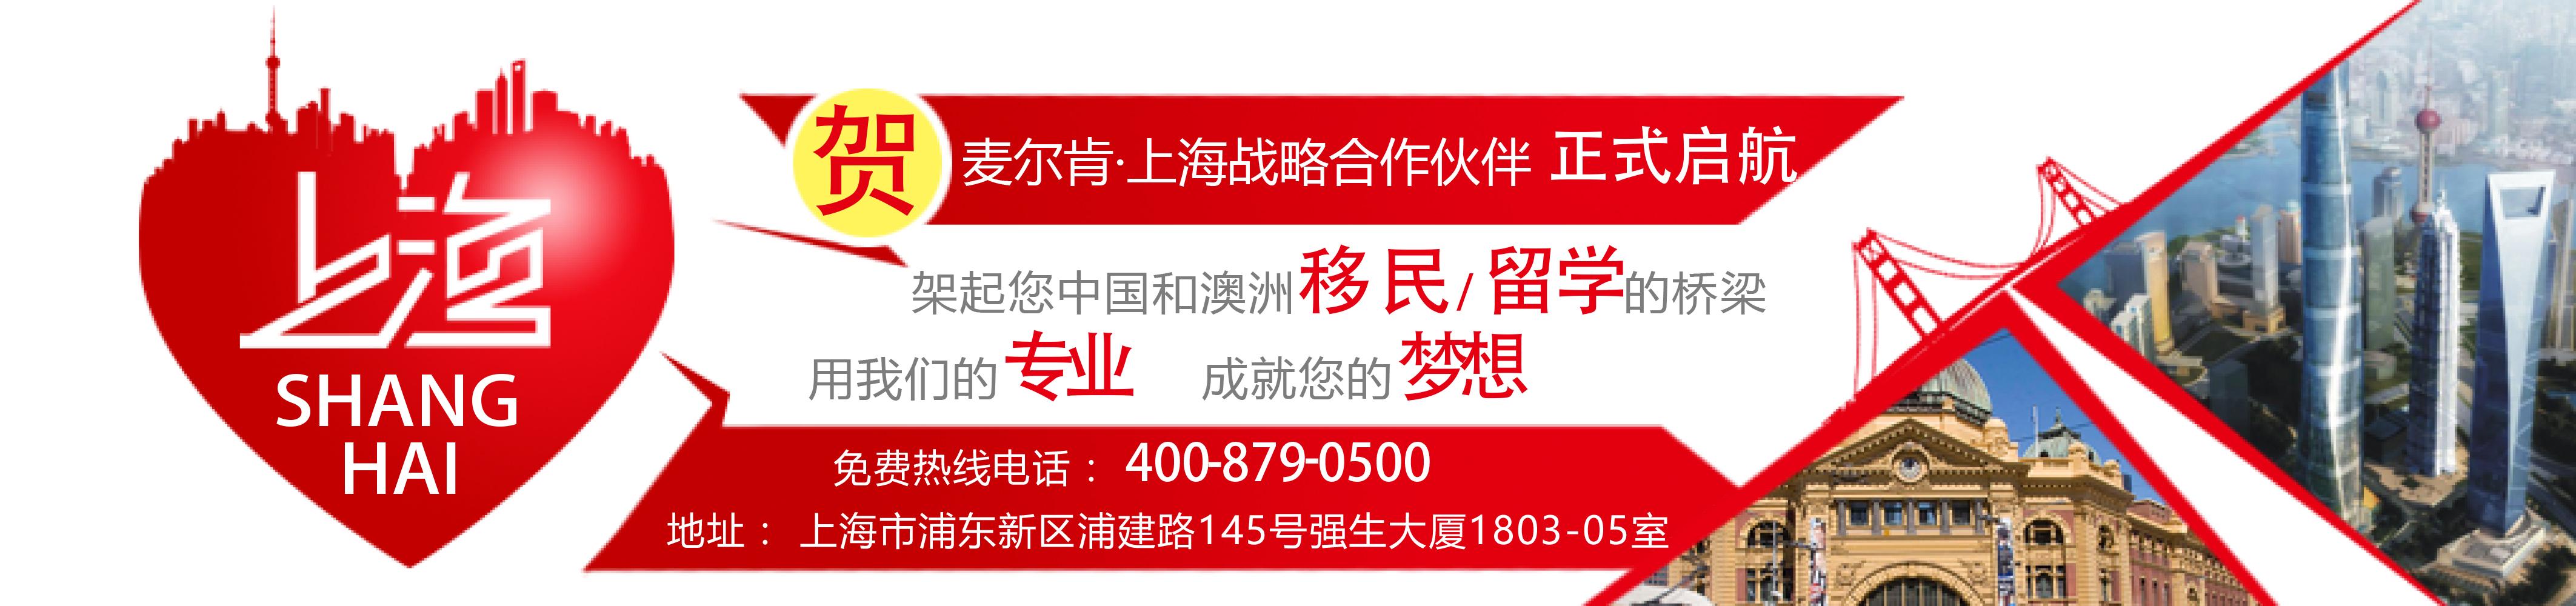 Montic slide banner 2014 shanghai 改